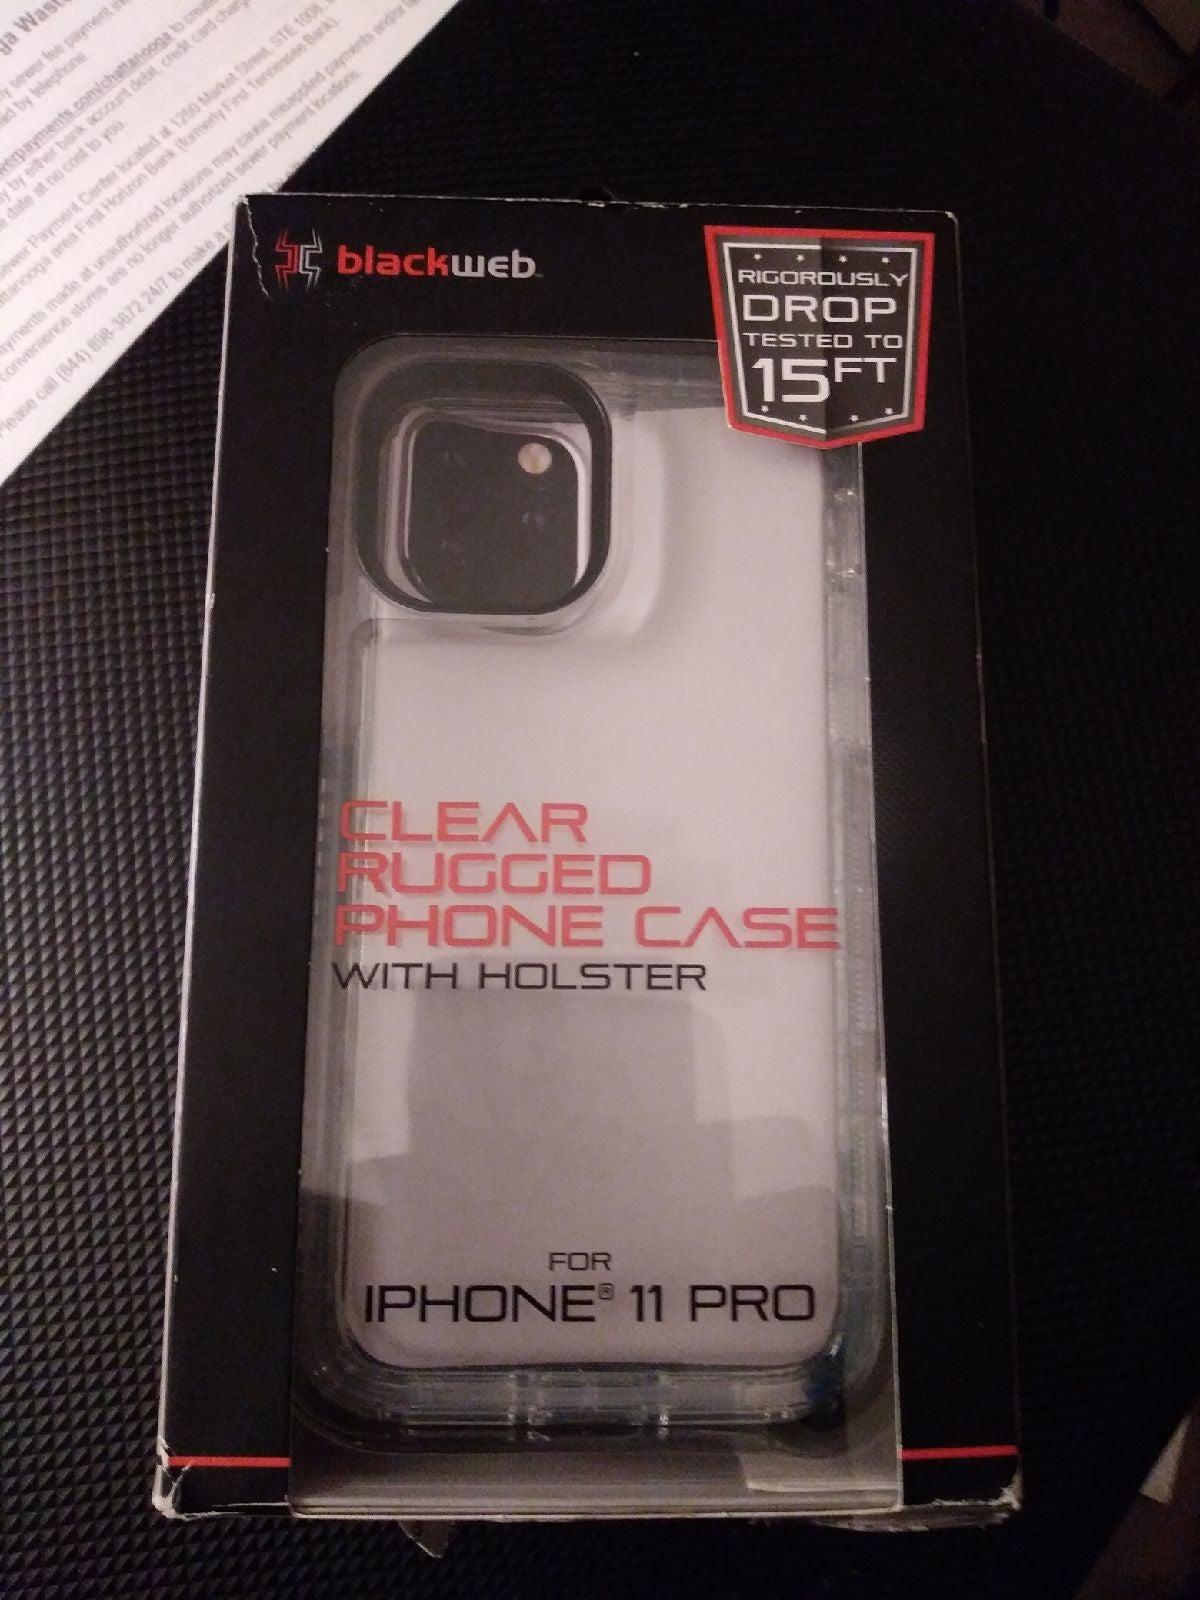 iPhone 11 Pro Blackweb Rugged Phone Case